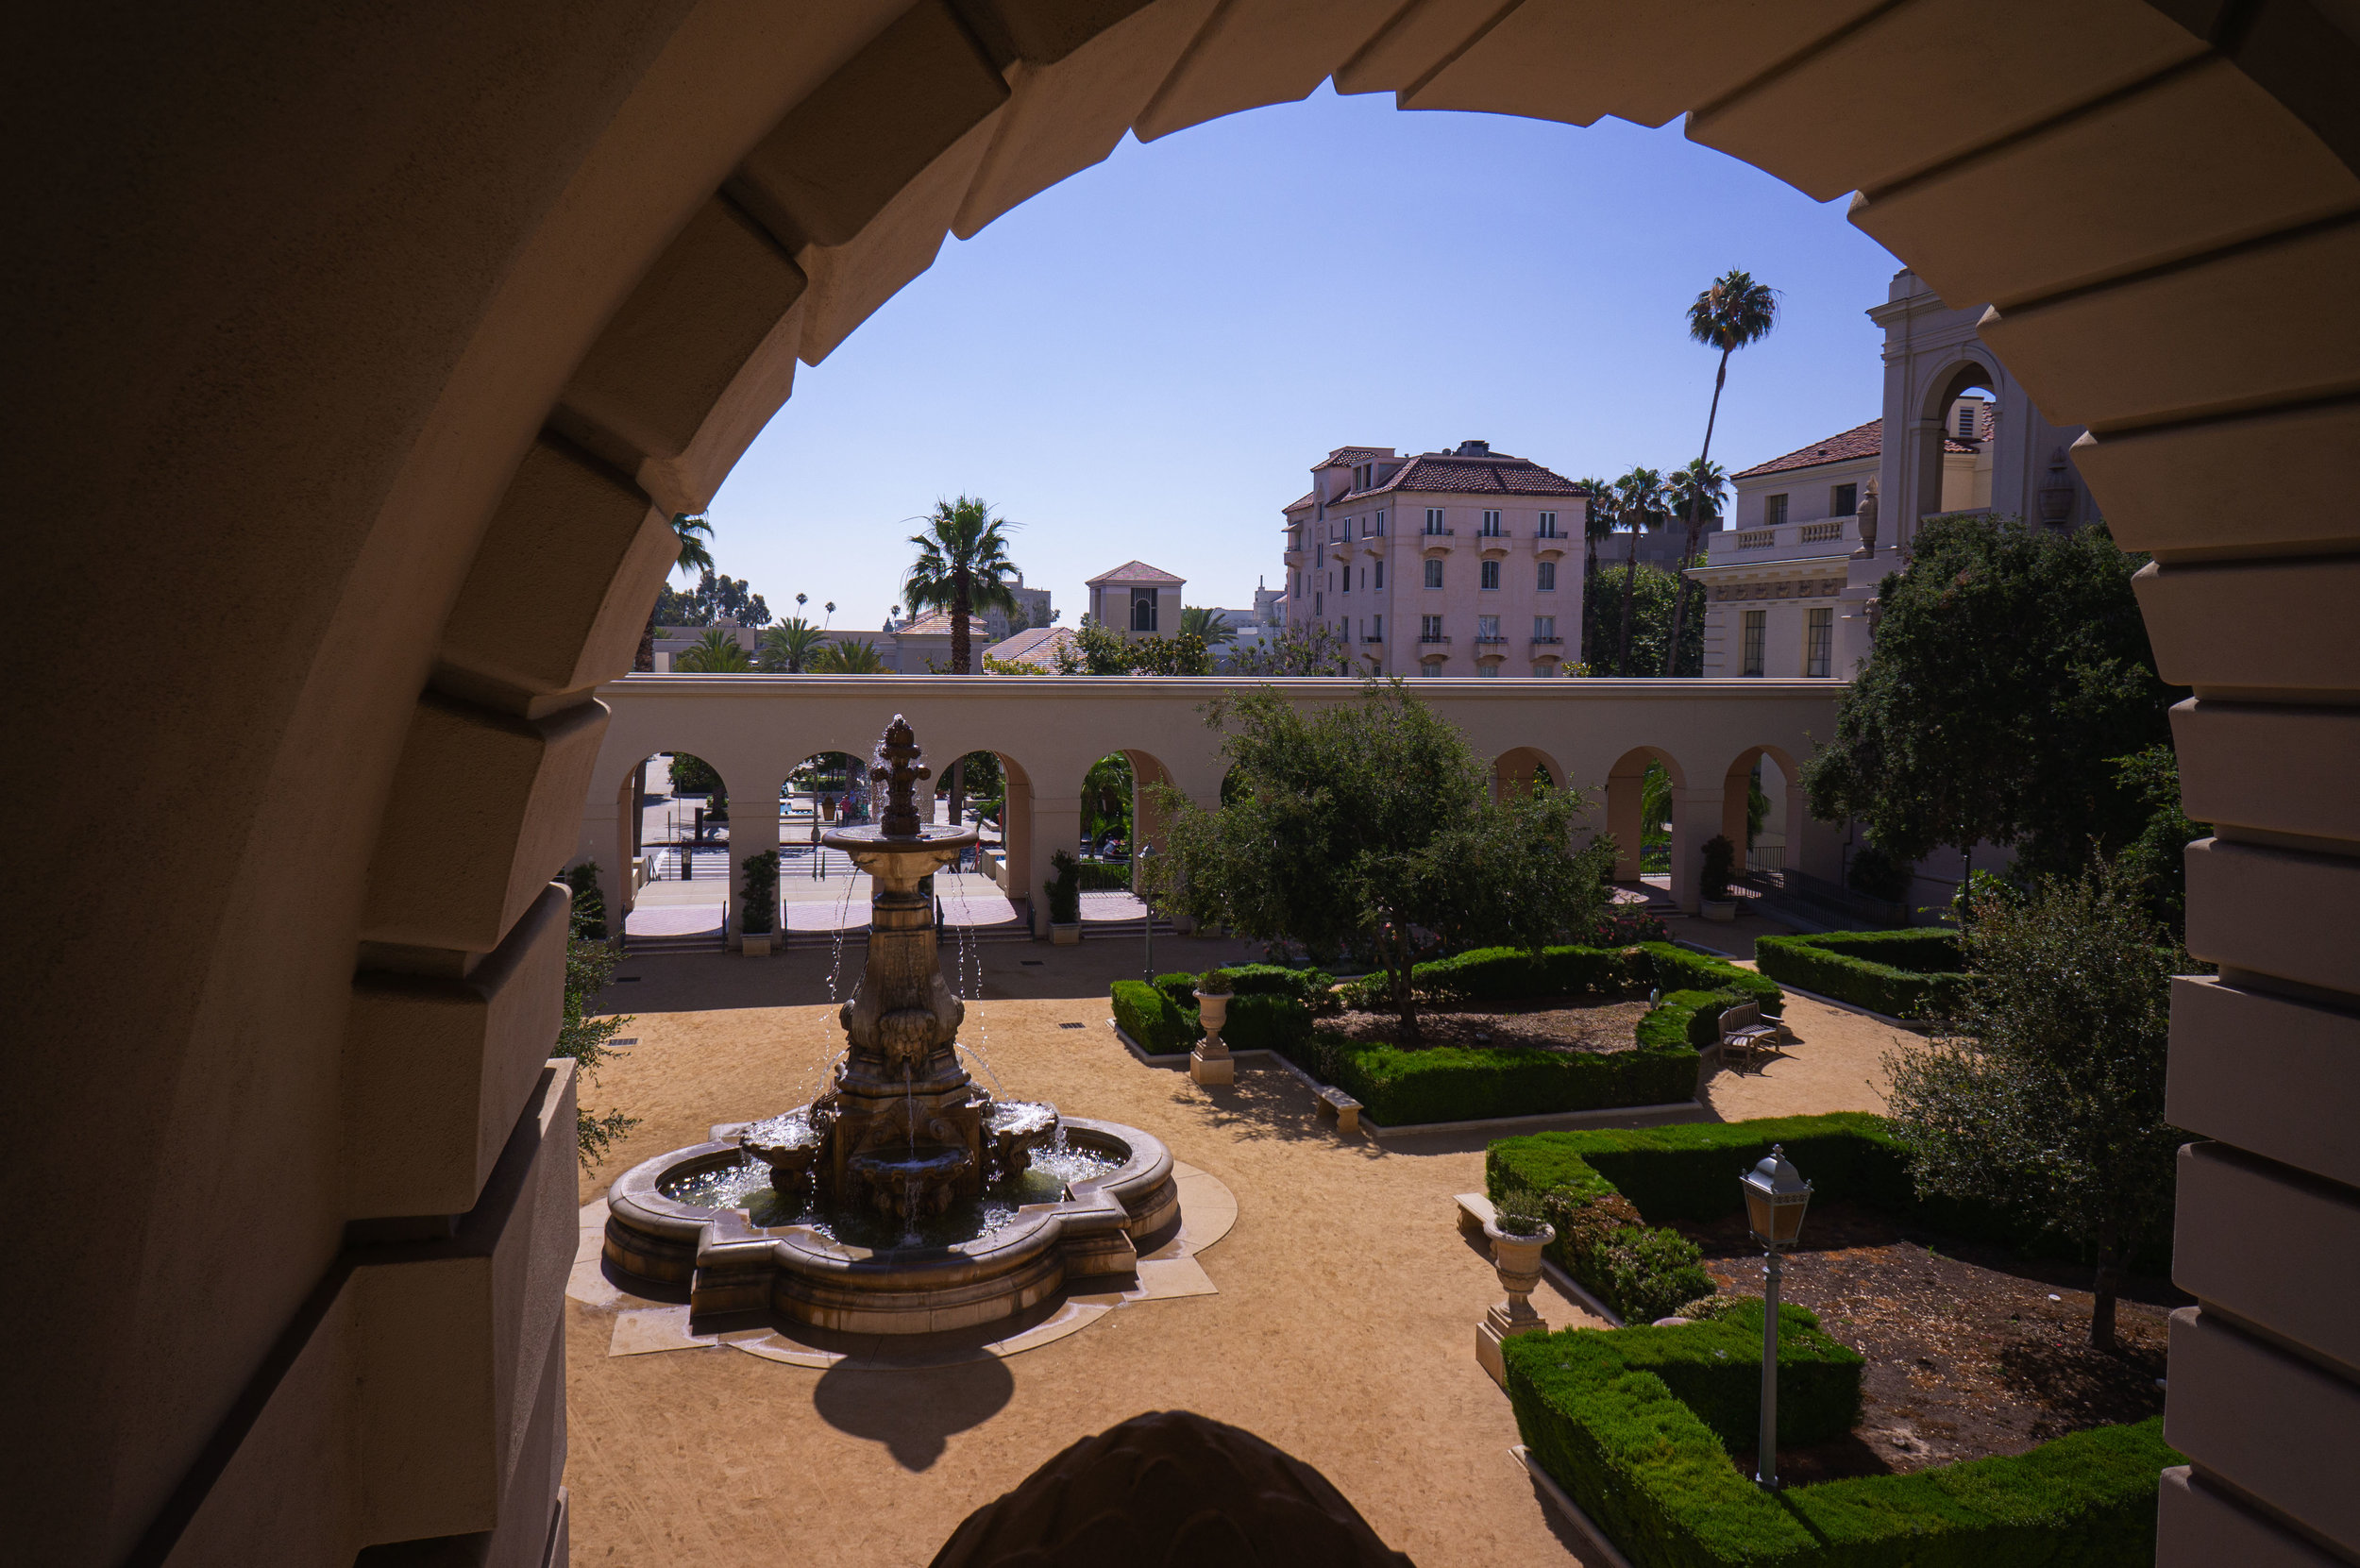 pasadena city hall stills - 7_1.jpg